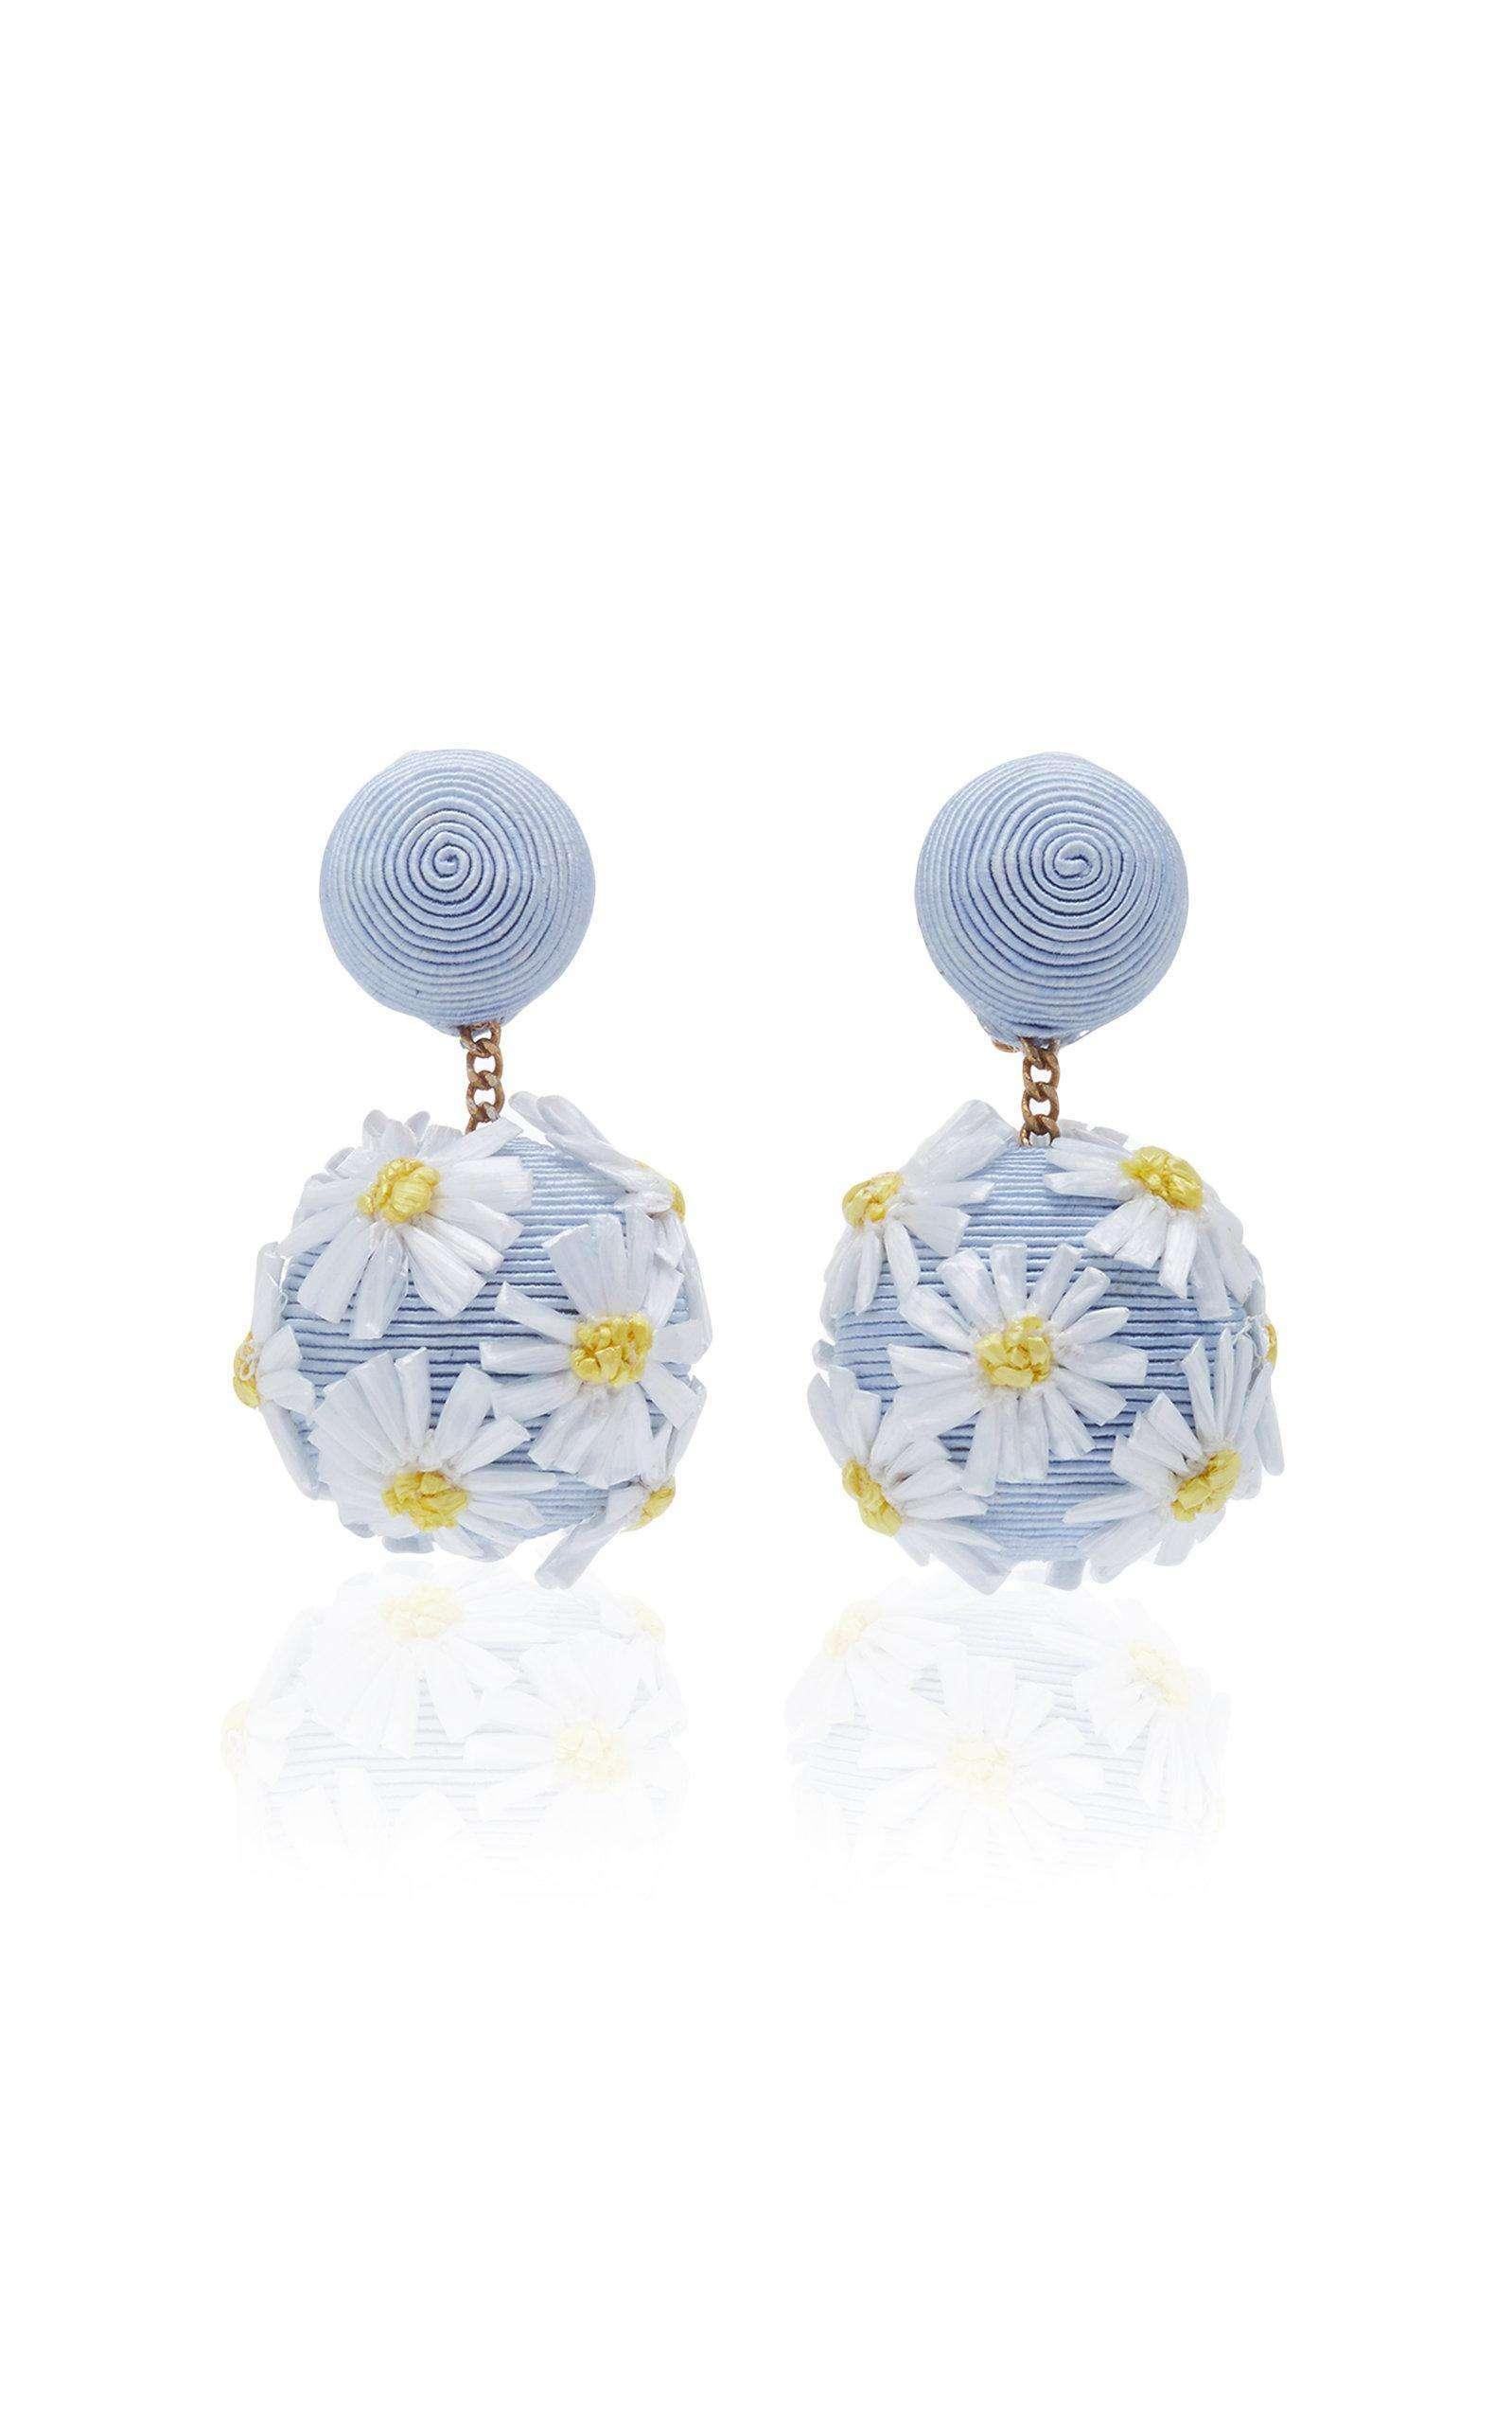 Resort Wear Finds Under $100: Floral Drop Earrings | Rhyme & Reason